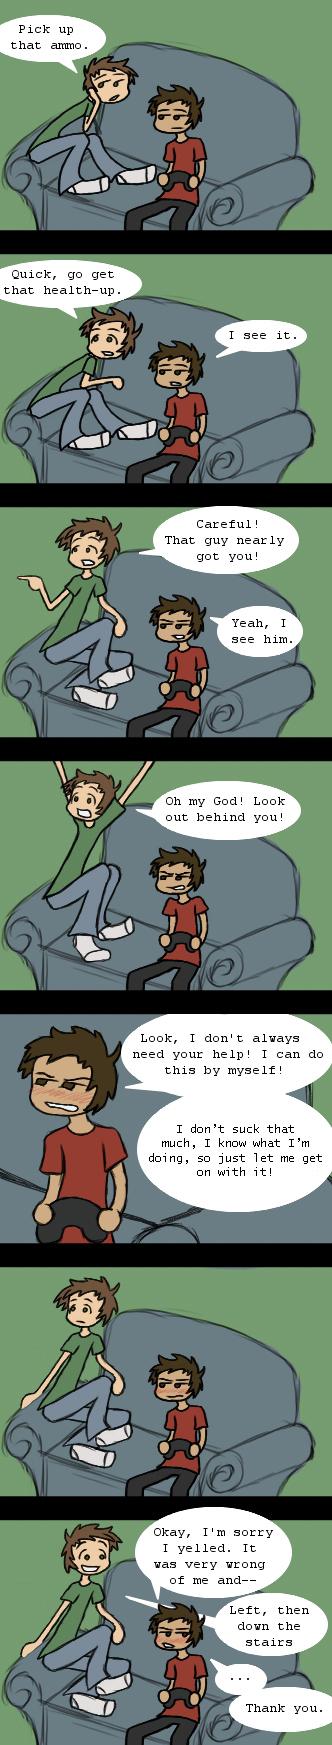 0002: Backseat Gamer